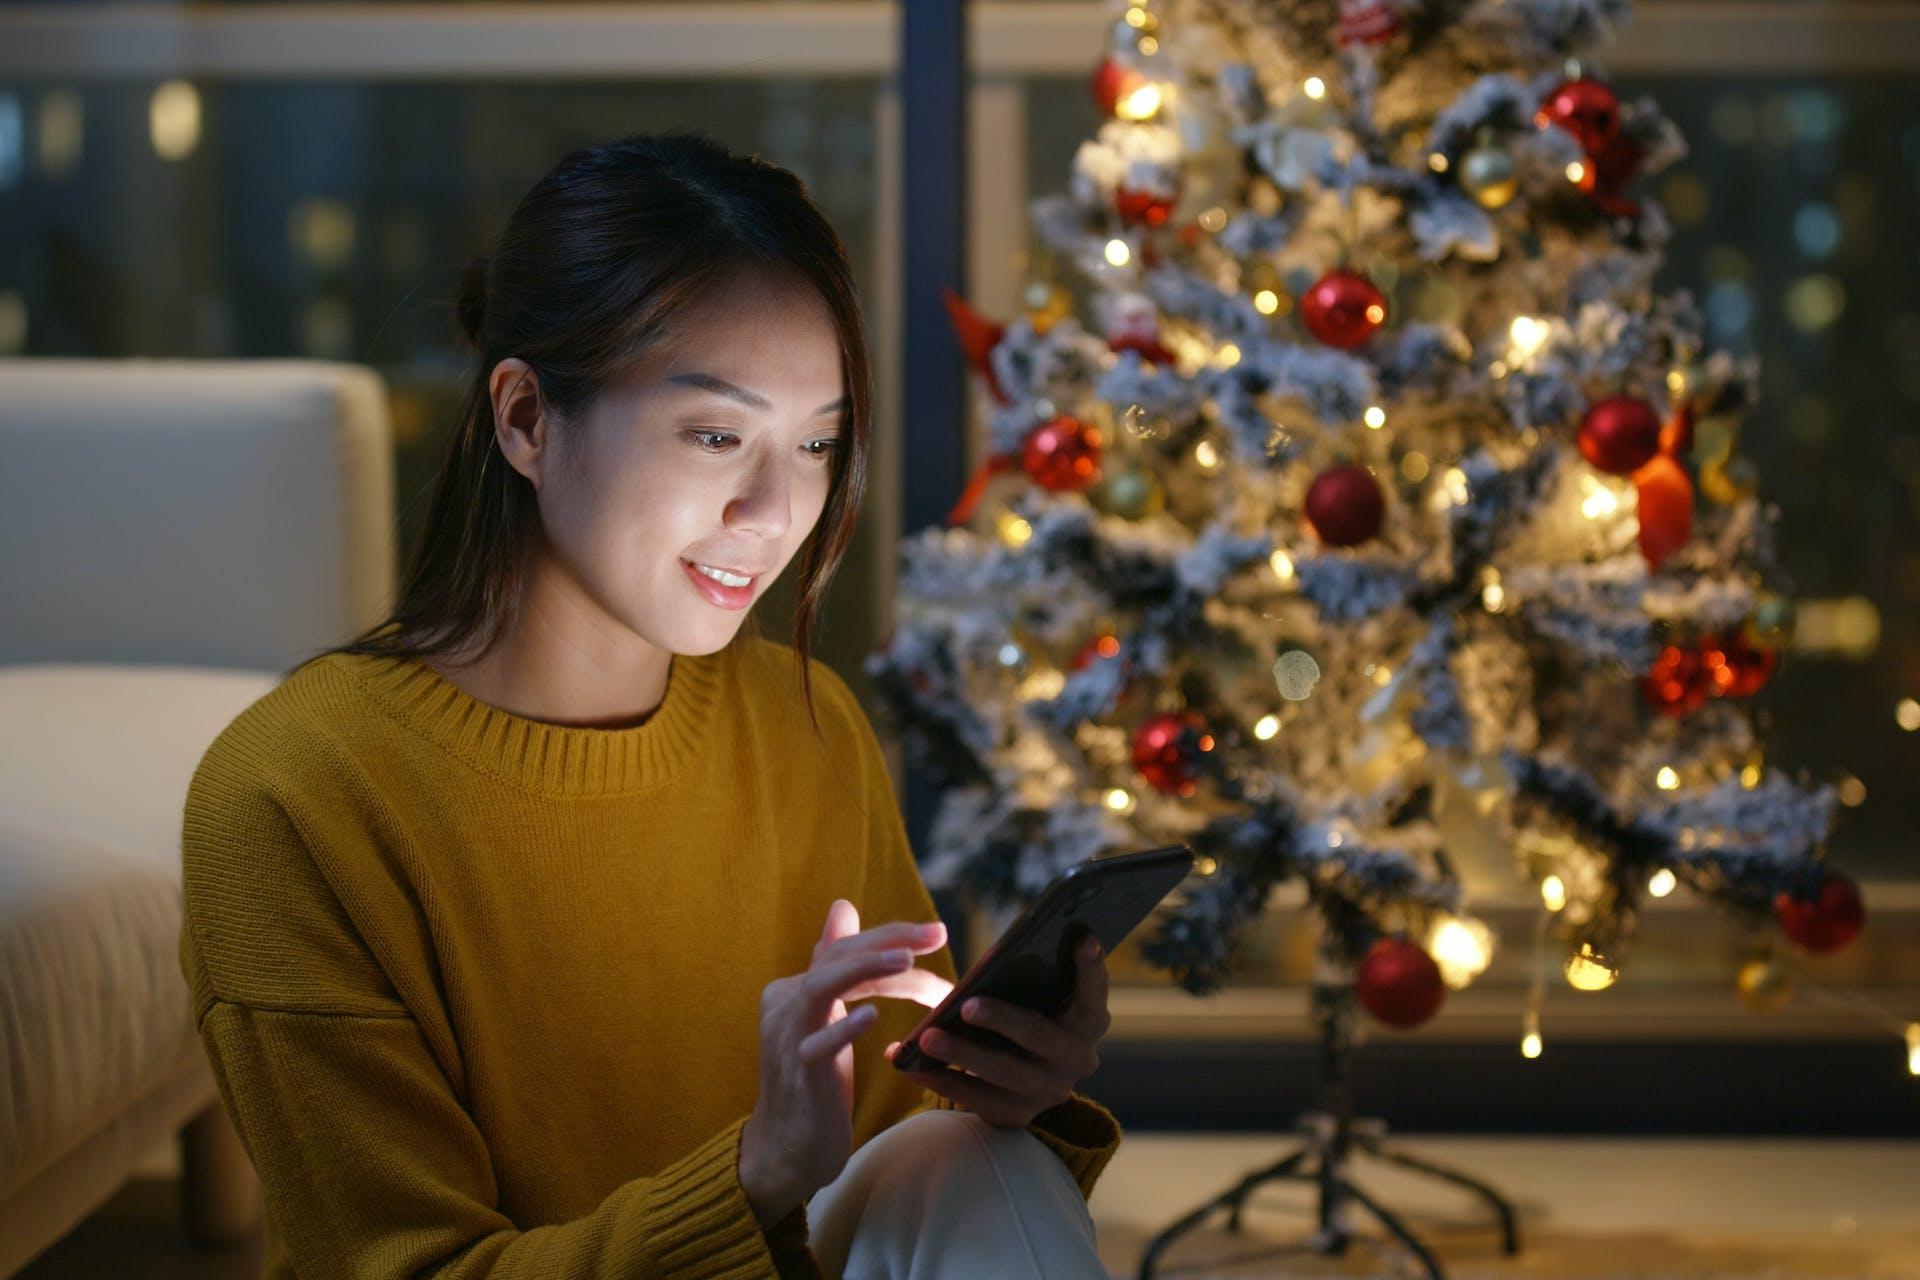 Junge asiatische Frau sitzt mit ihrem Smarthphone vor einem Weihnachtsbaum